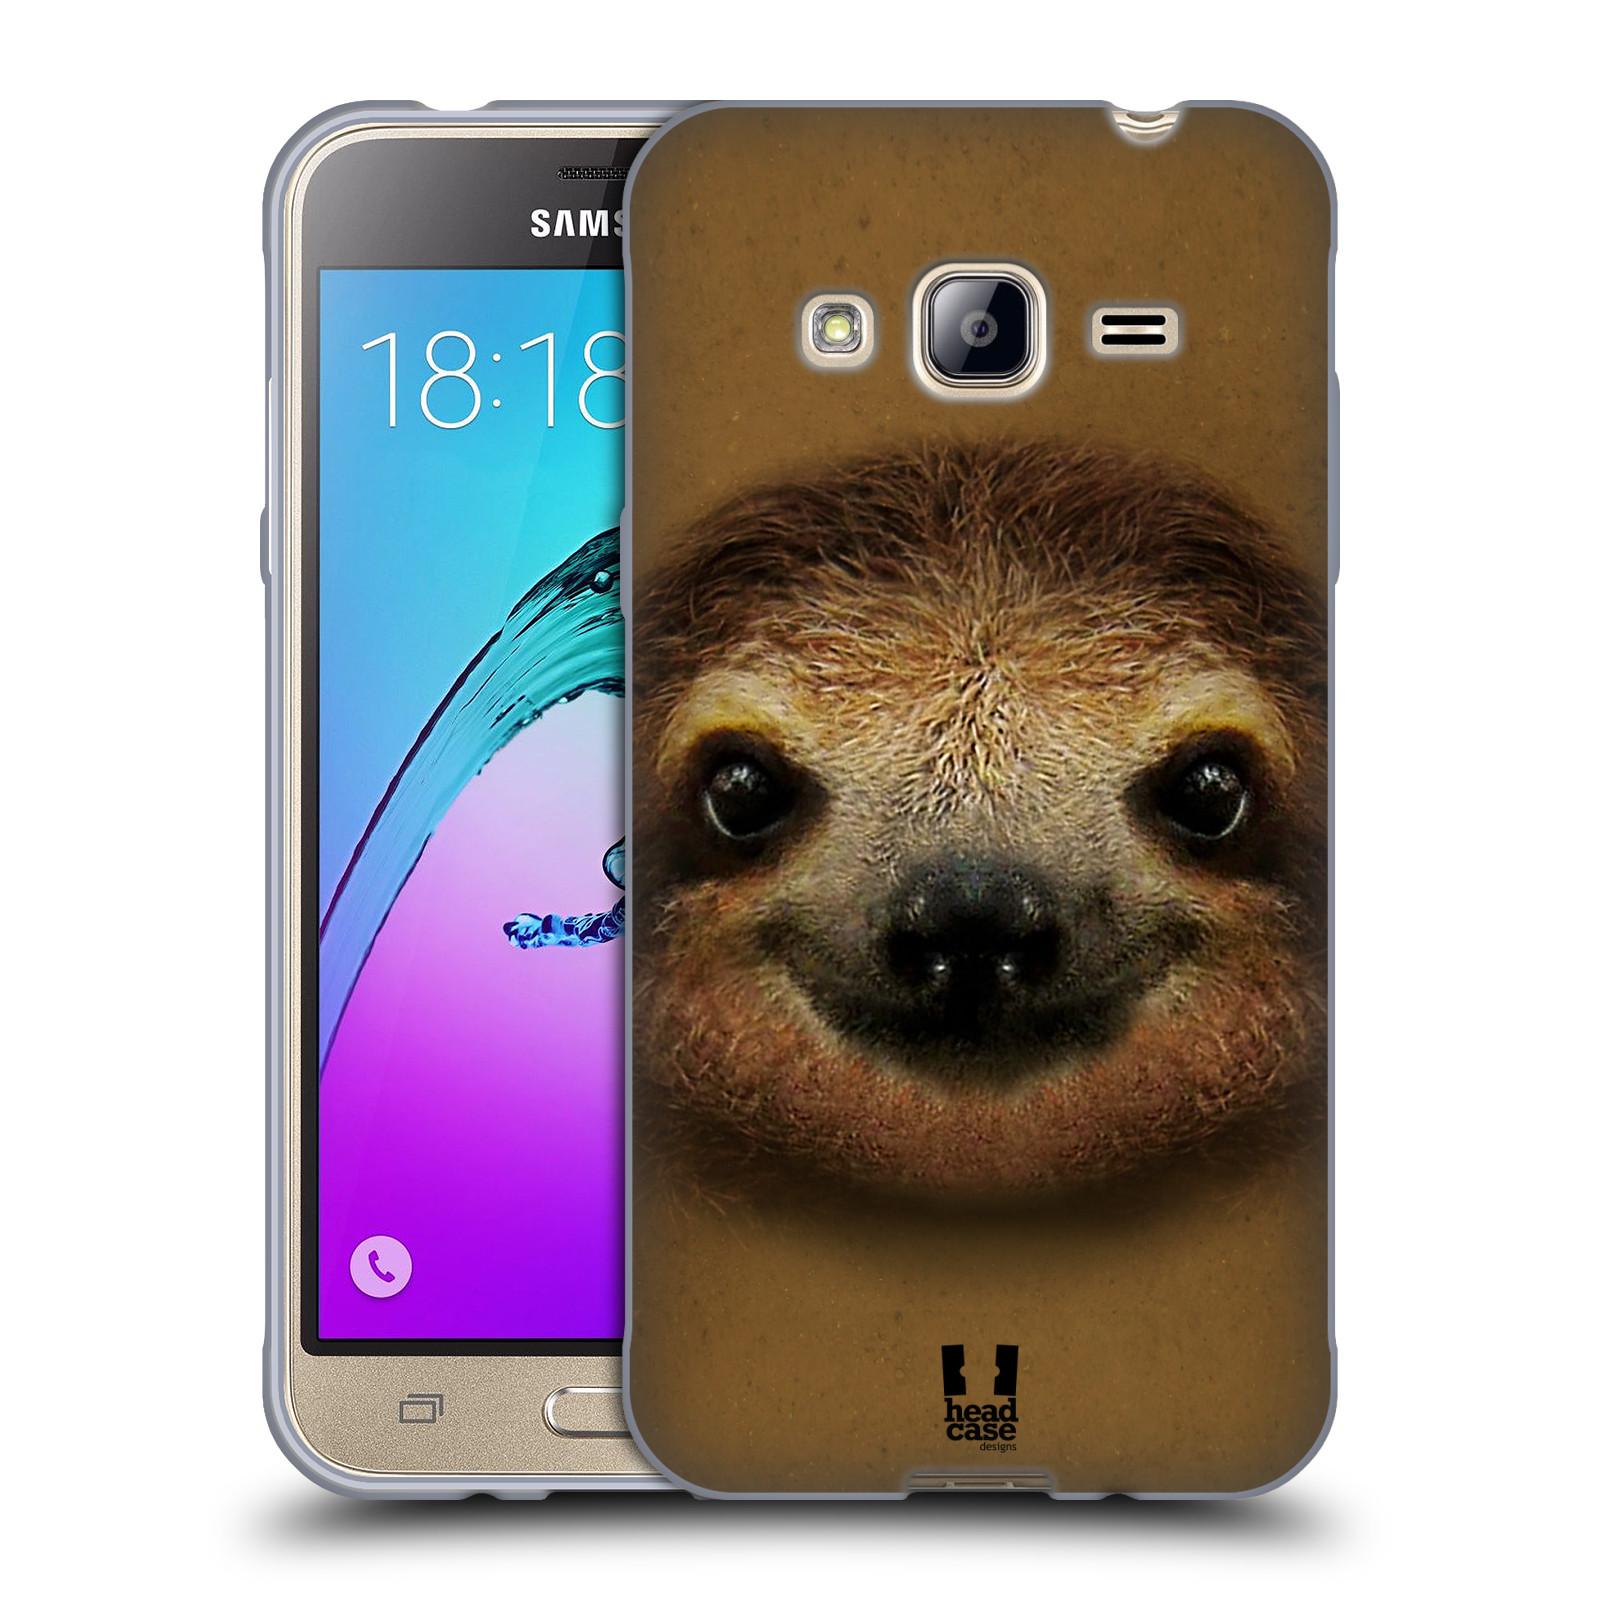 HEAD CASE silikonový obal na mobil Samsung Galaxy J3, J3 2016 vzor Zvířecí tváře 2 lenochod